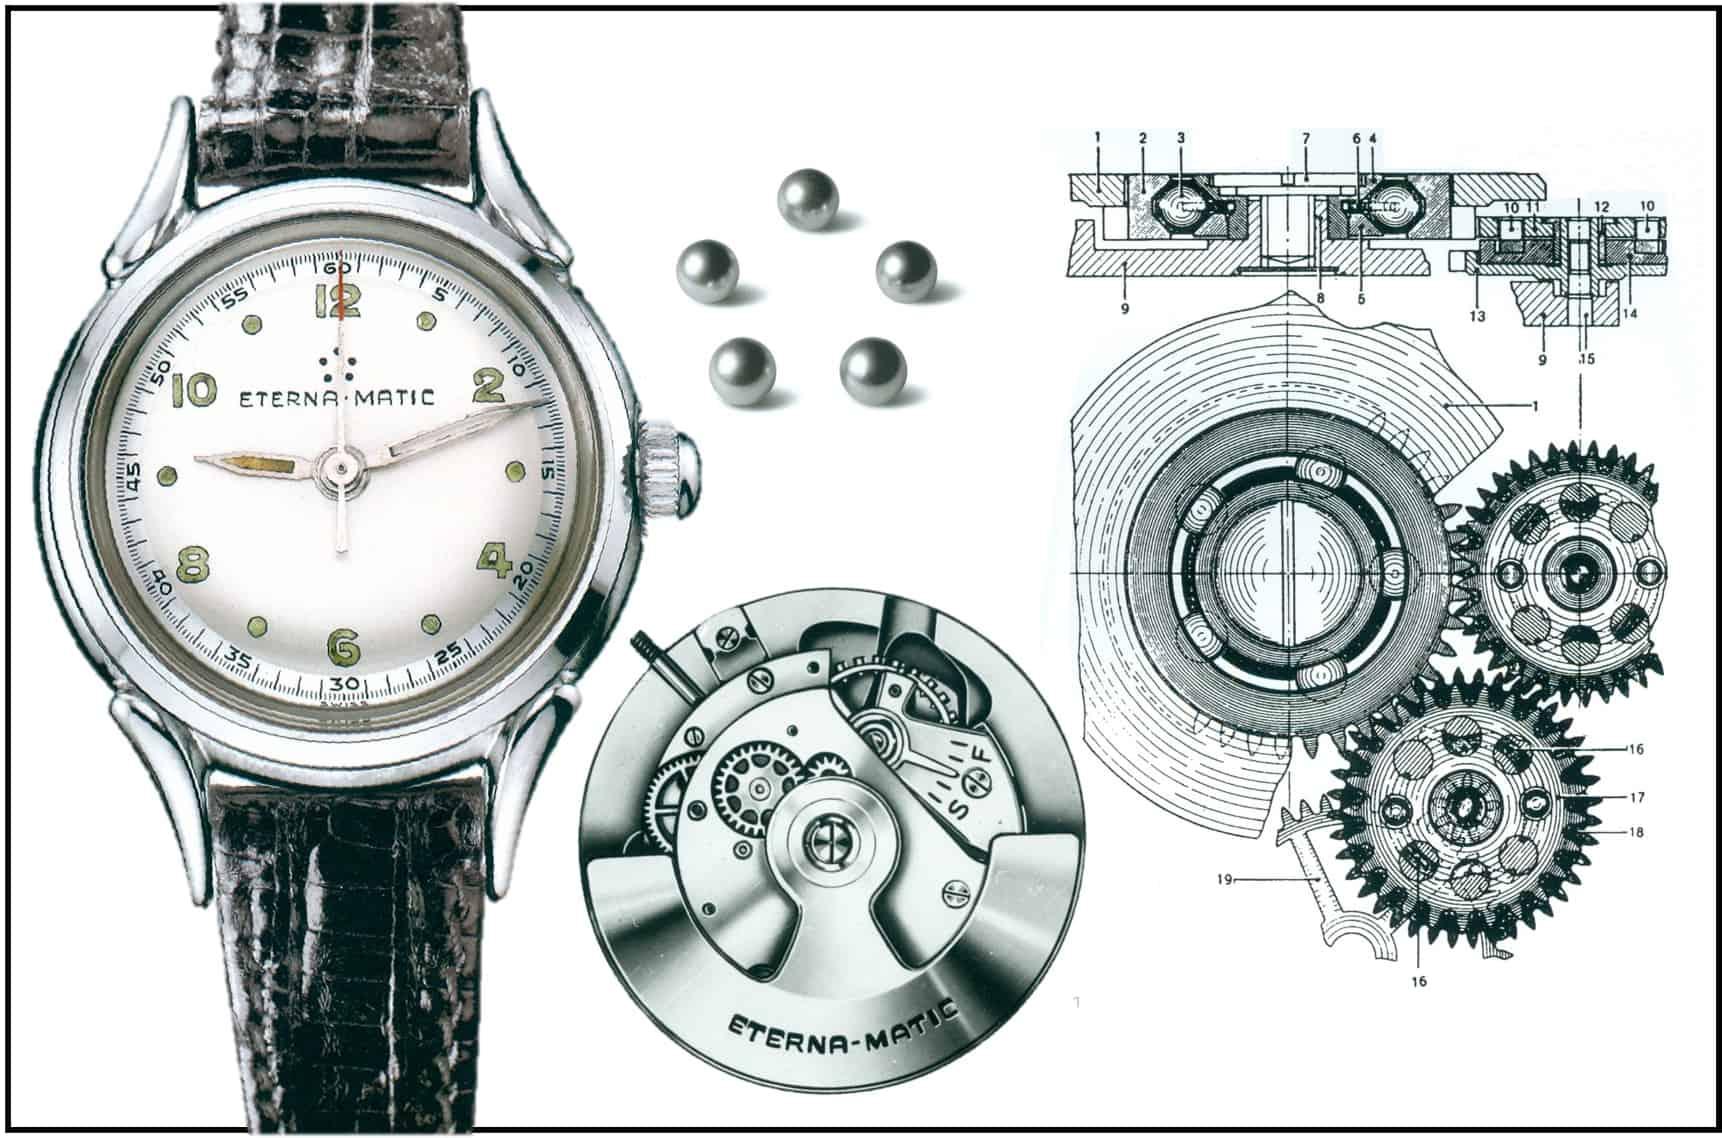 Die revolutionäre Eterna-Matic entwickelte Heinrich Stamm im Jahr 1948